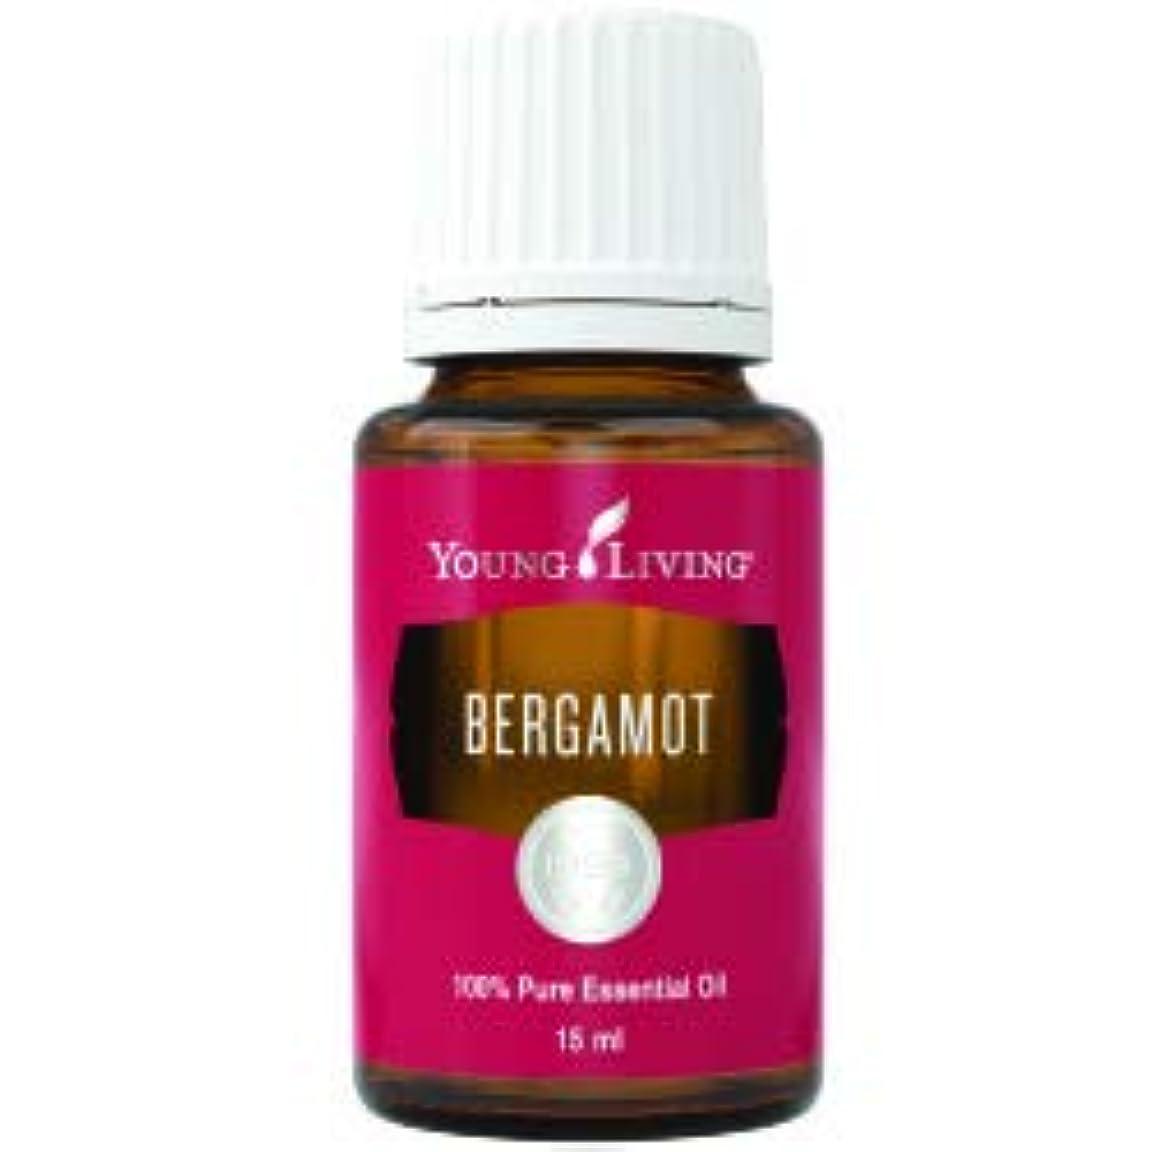 聖域追放委員長ヤングリビングマレーシアのベルガモットエッセンシャルオイル15 ml Bergamot Essential Oil 15 ml by Young Living Malaysia